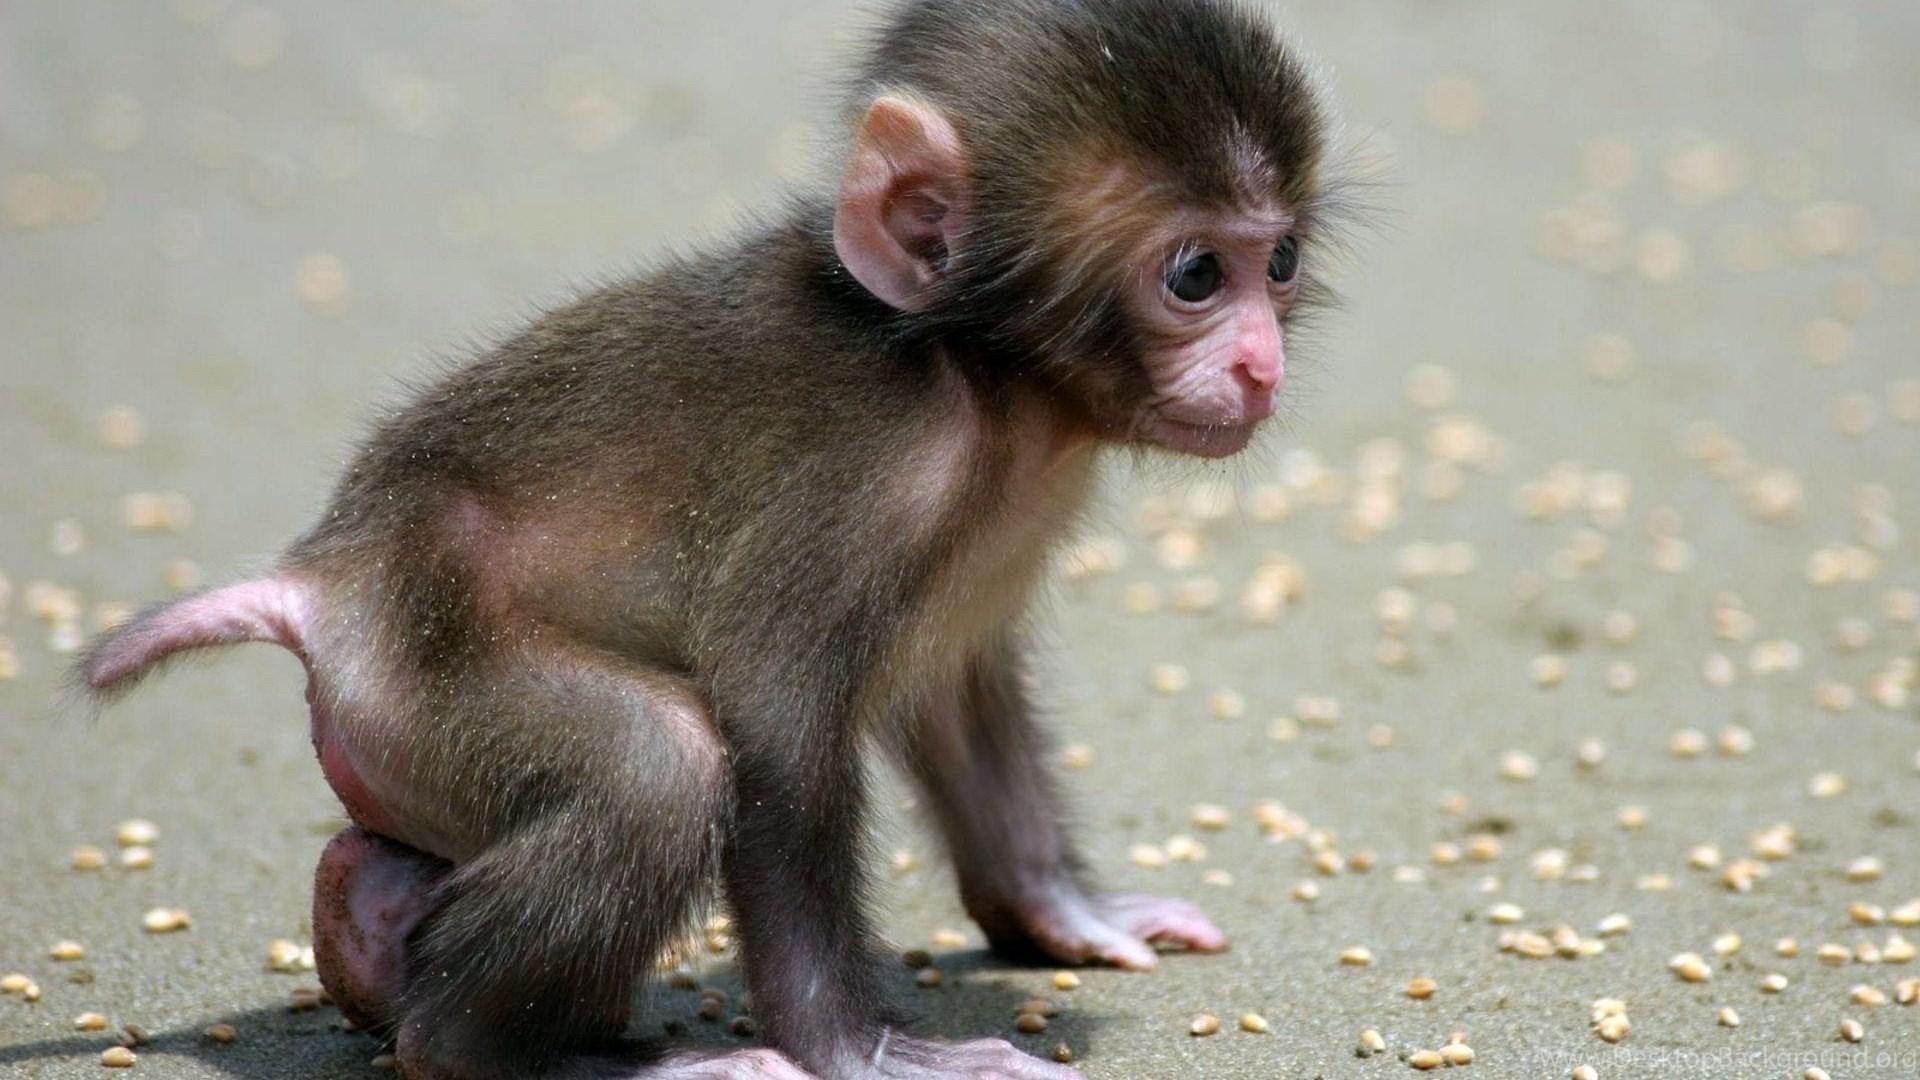 Photo Monkey